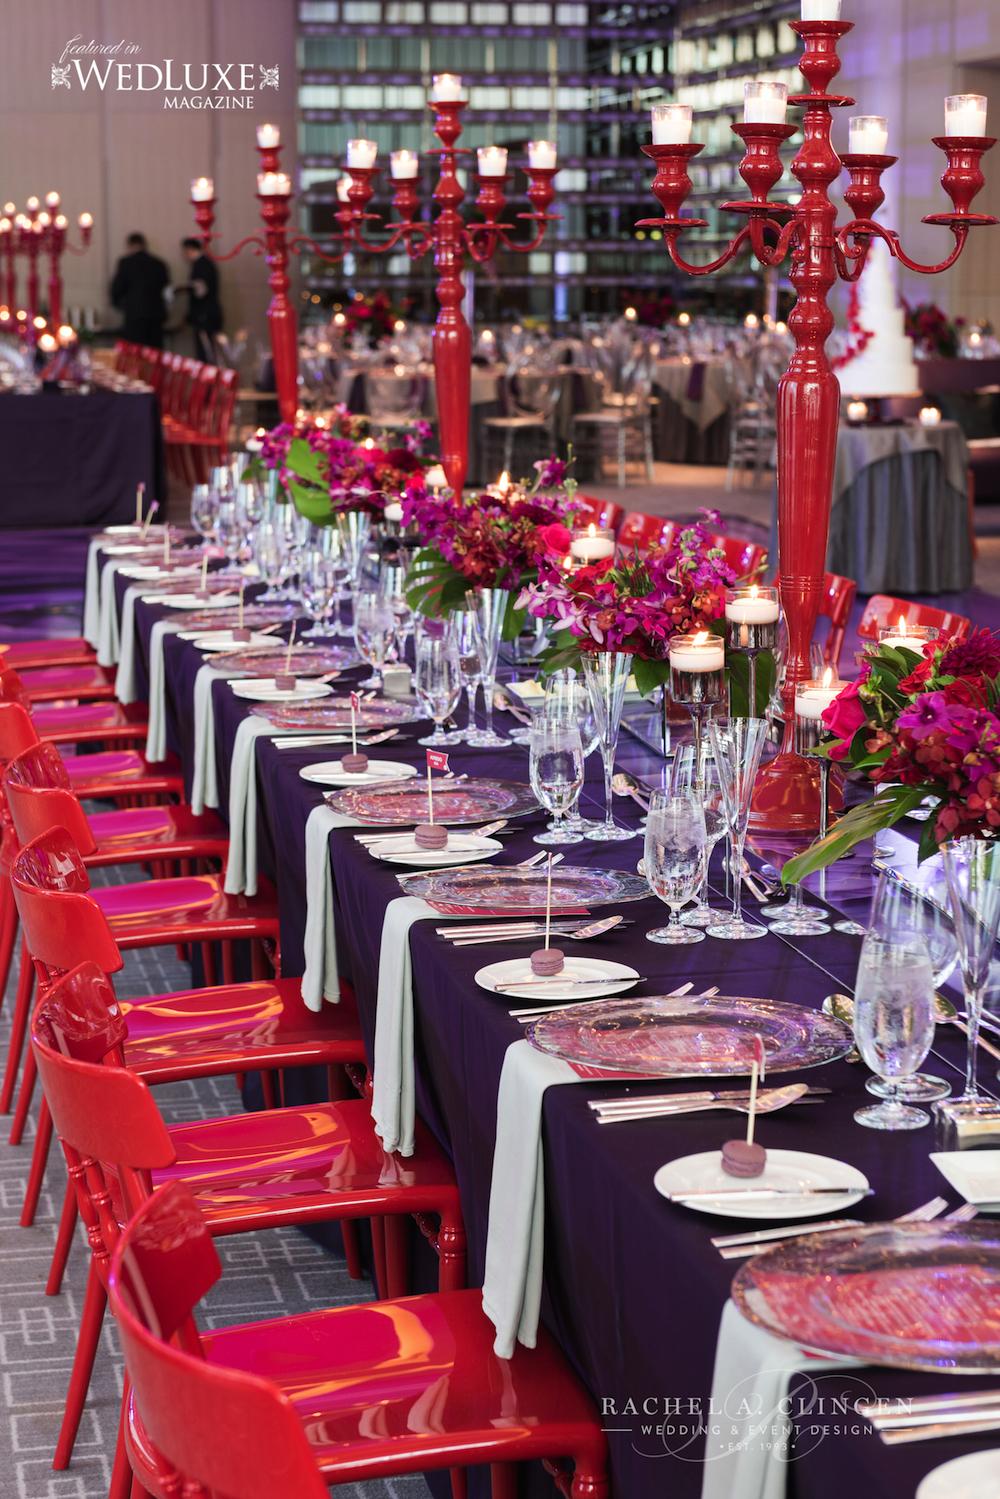 rachel-a-clingen-wedding-design